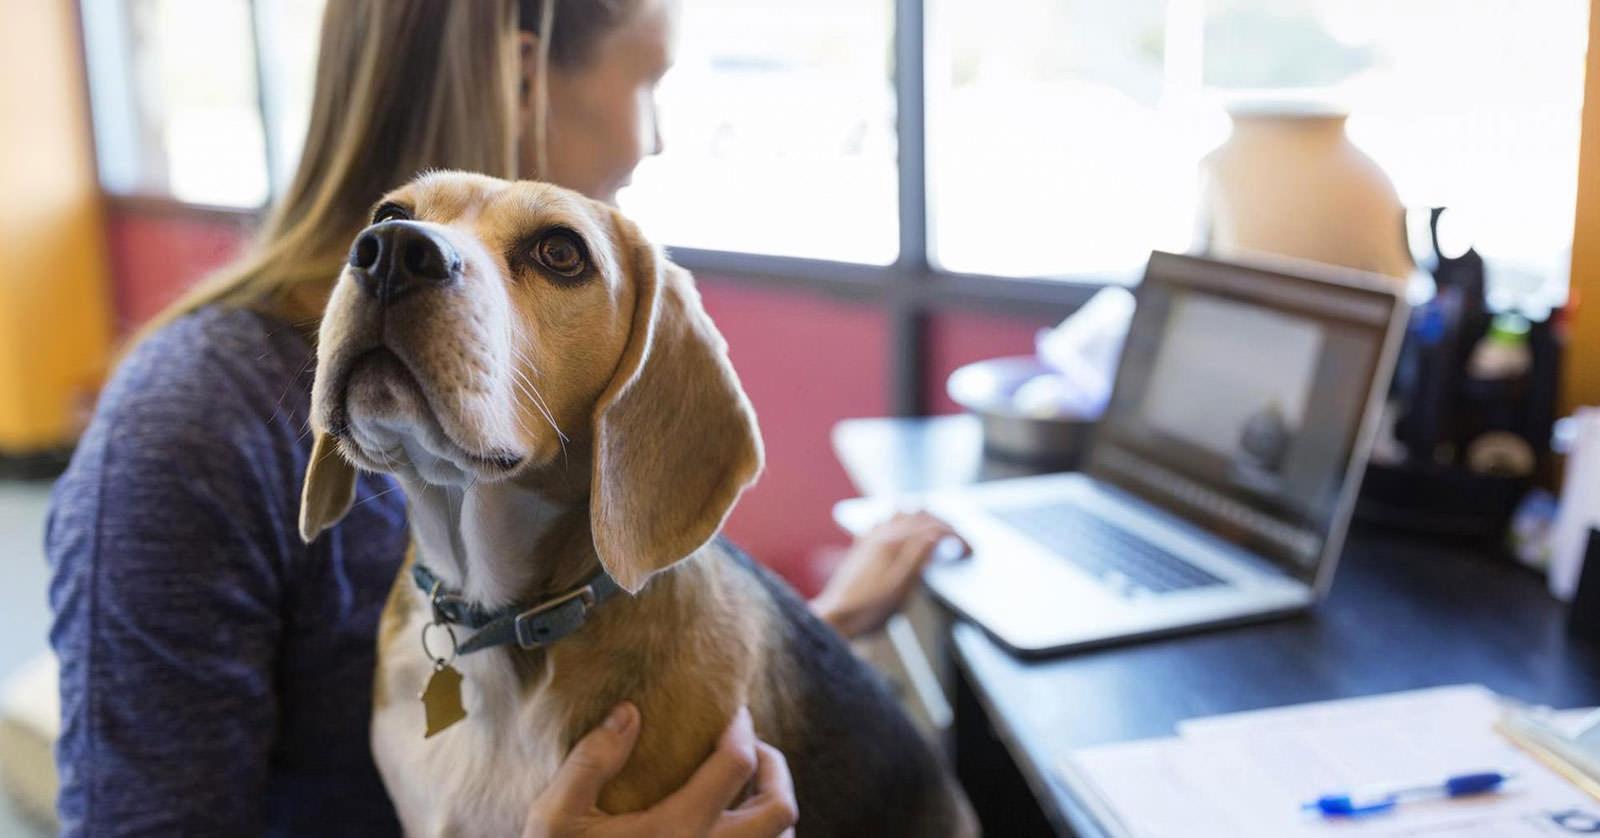 I vantaggi di avere un cane sul posto di lavoro: guida per aziende e dipendenti